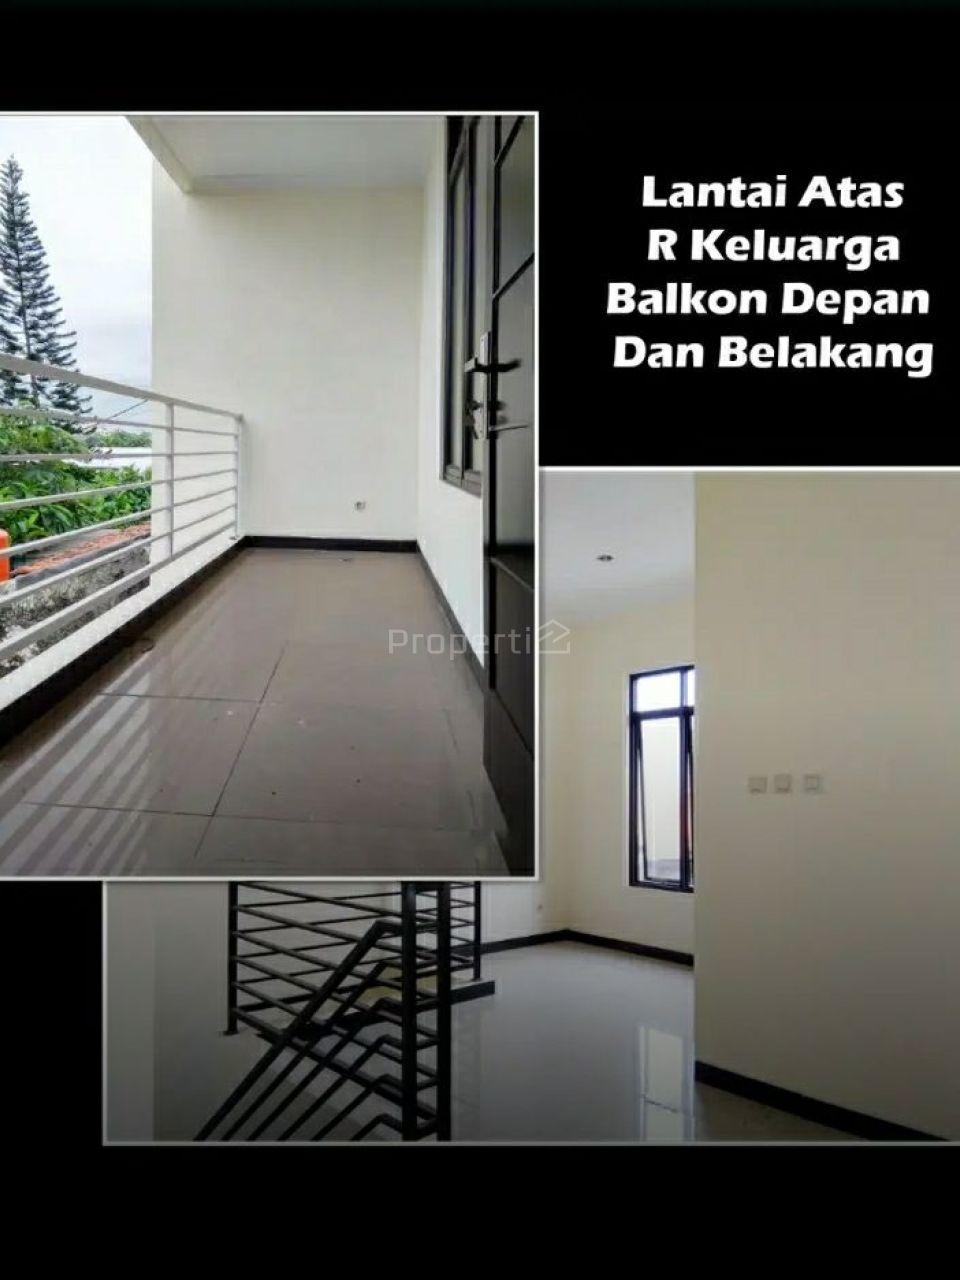 Modern House at Jatisampurna, Jawa Barat